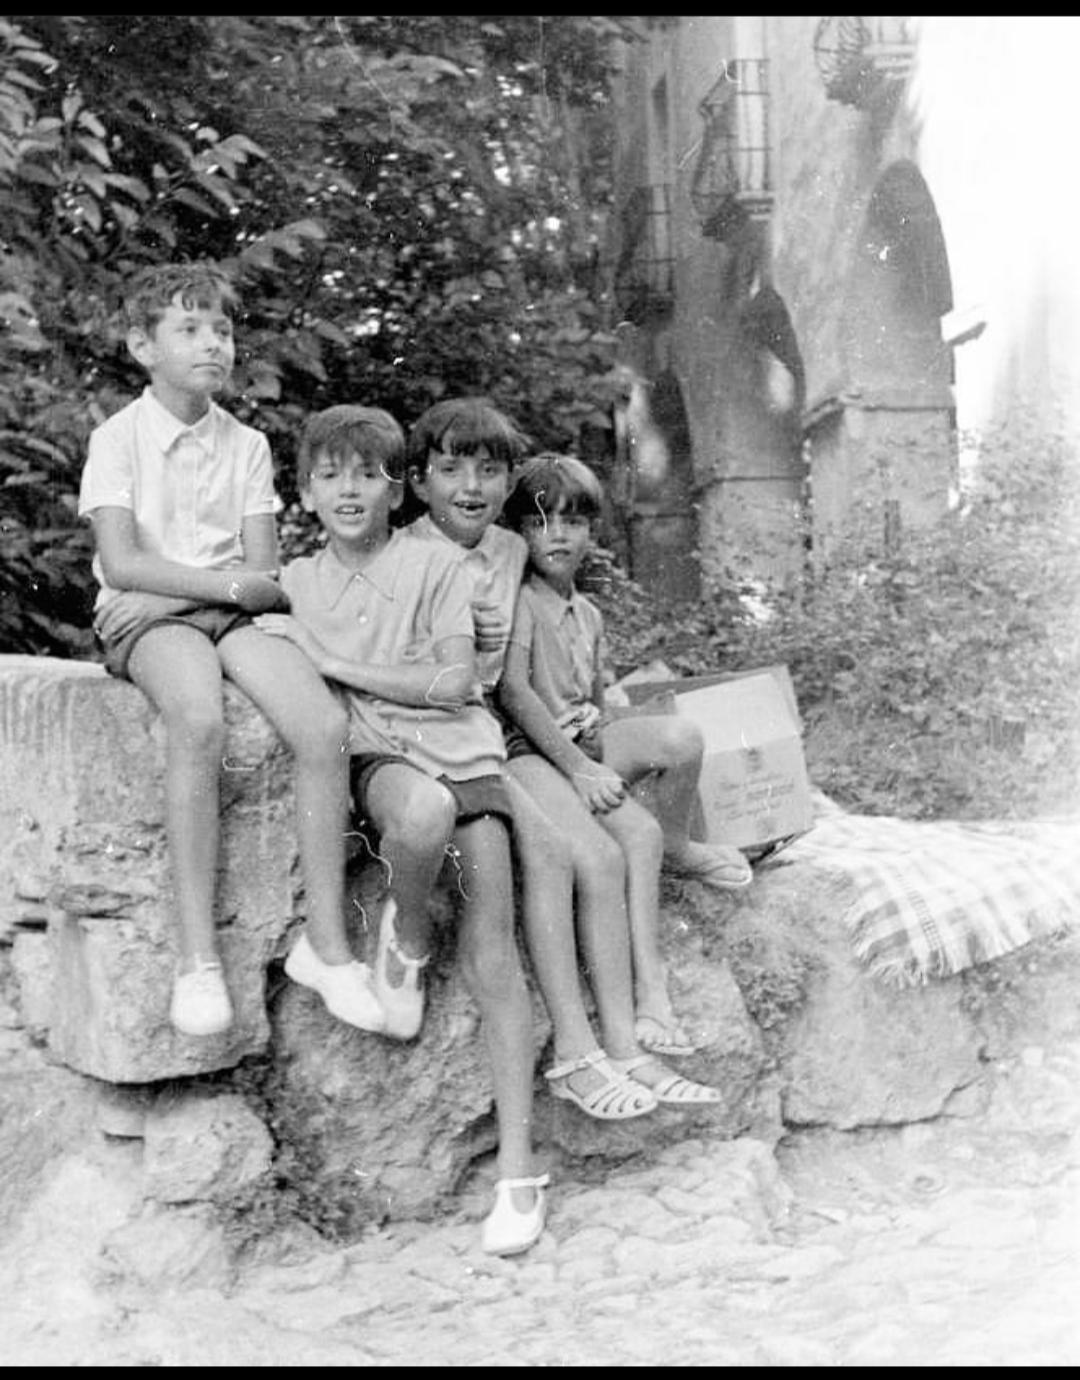 MEMORIAS DE UN ESCRITOR (4) : LOS LARGOS VERANOS DE LOS  60/70